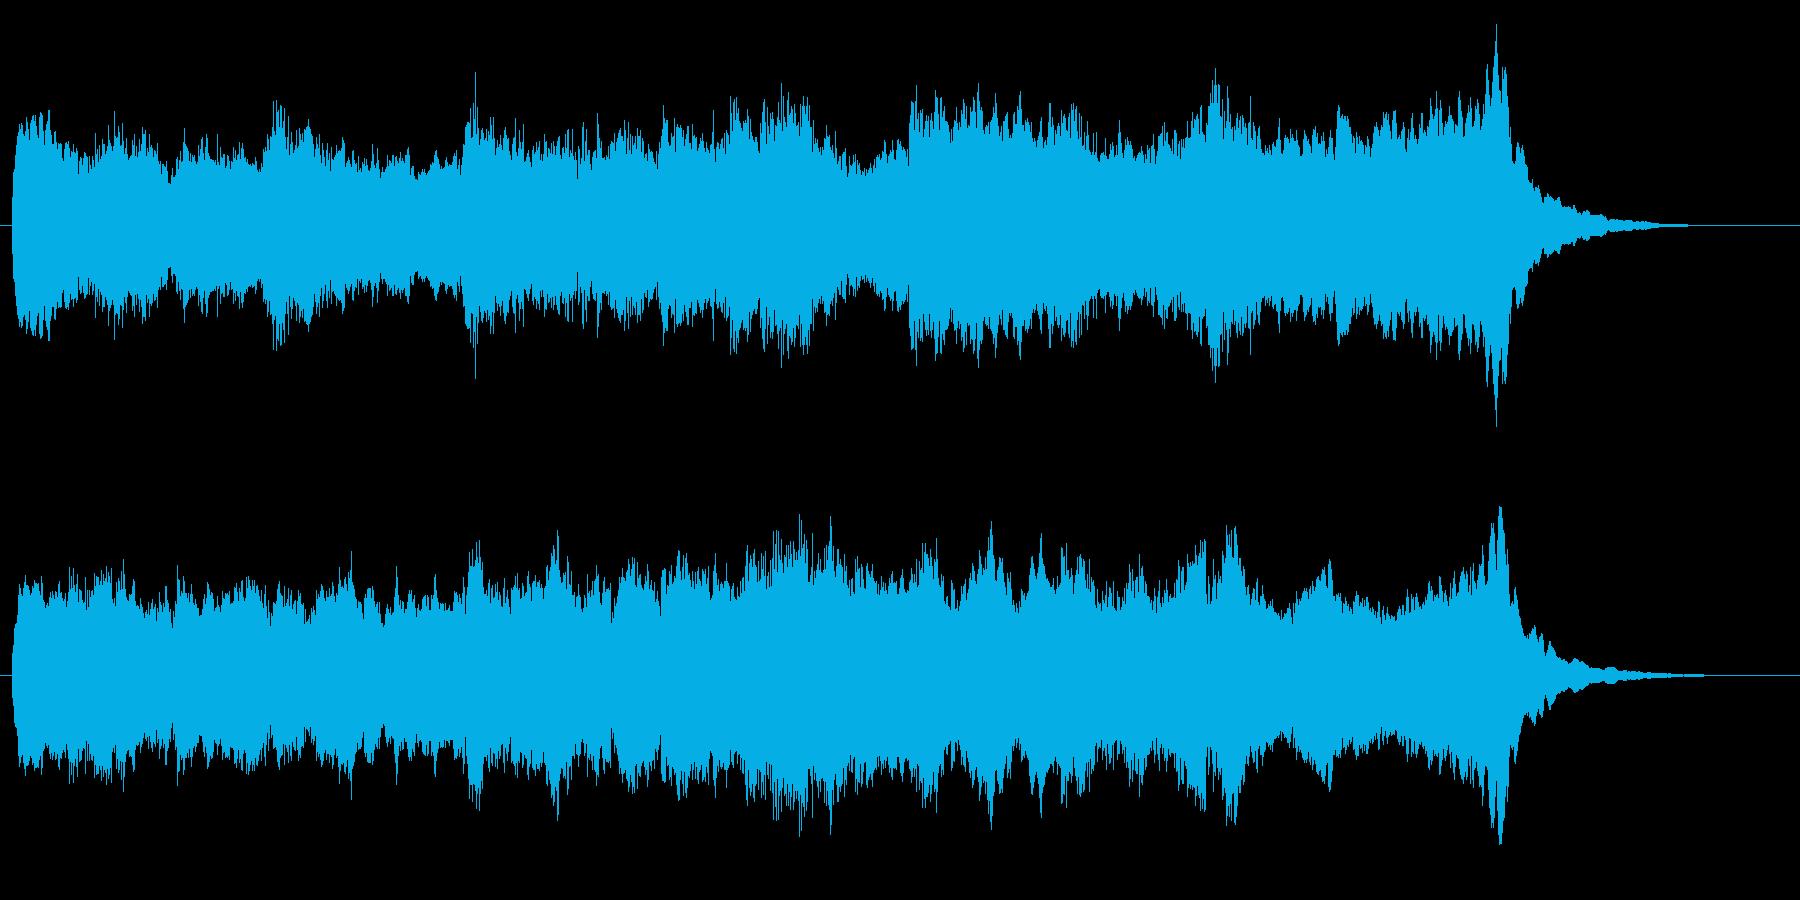 ウェディングな旋律が美しいパイプオルガンの再生済みの波形